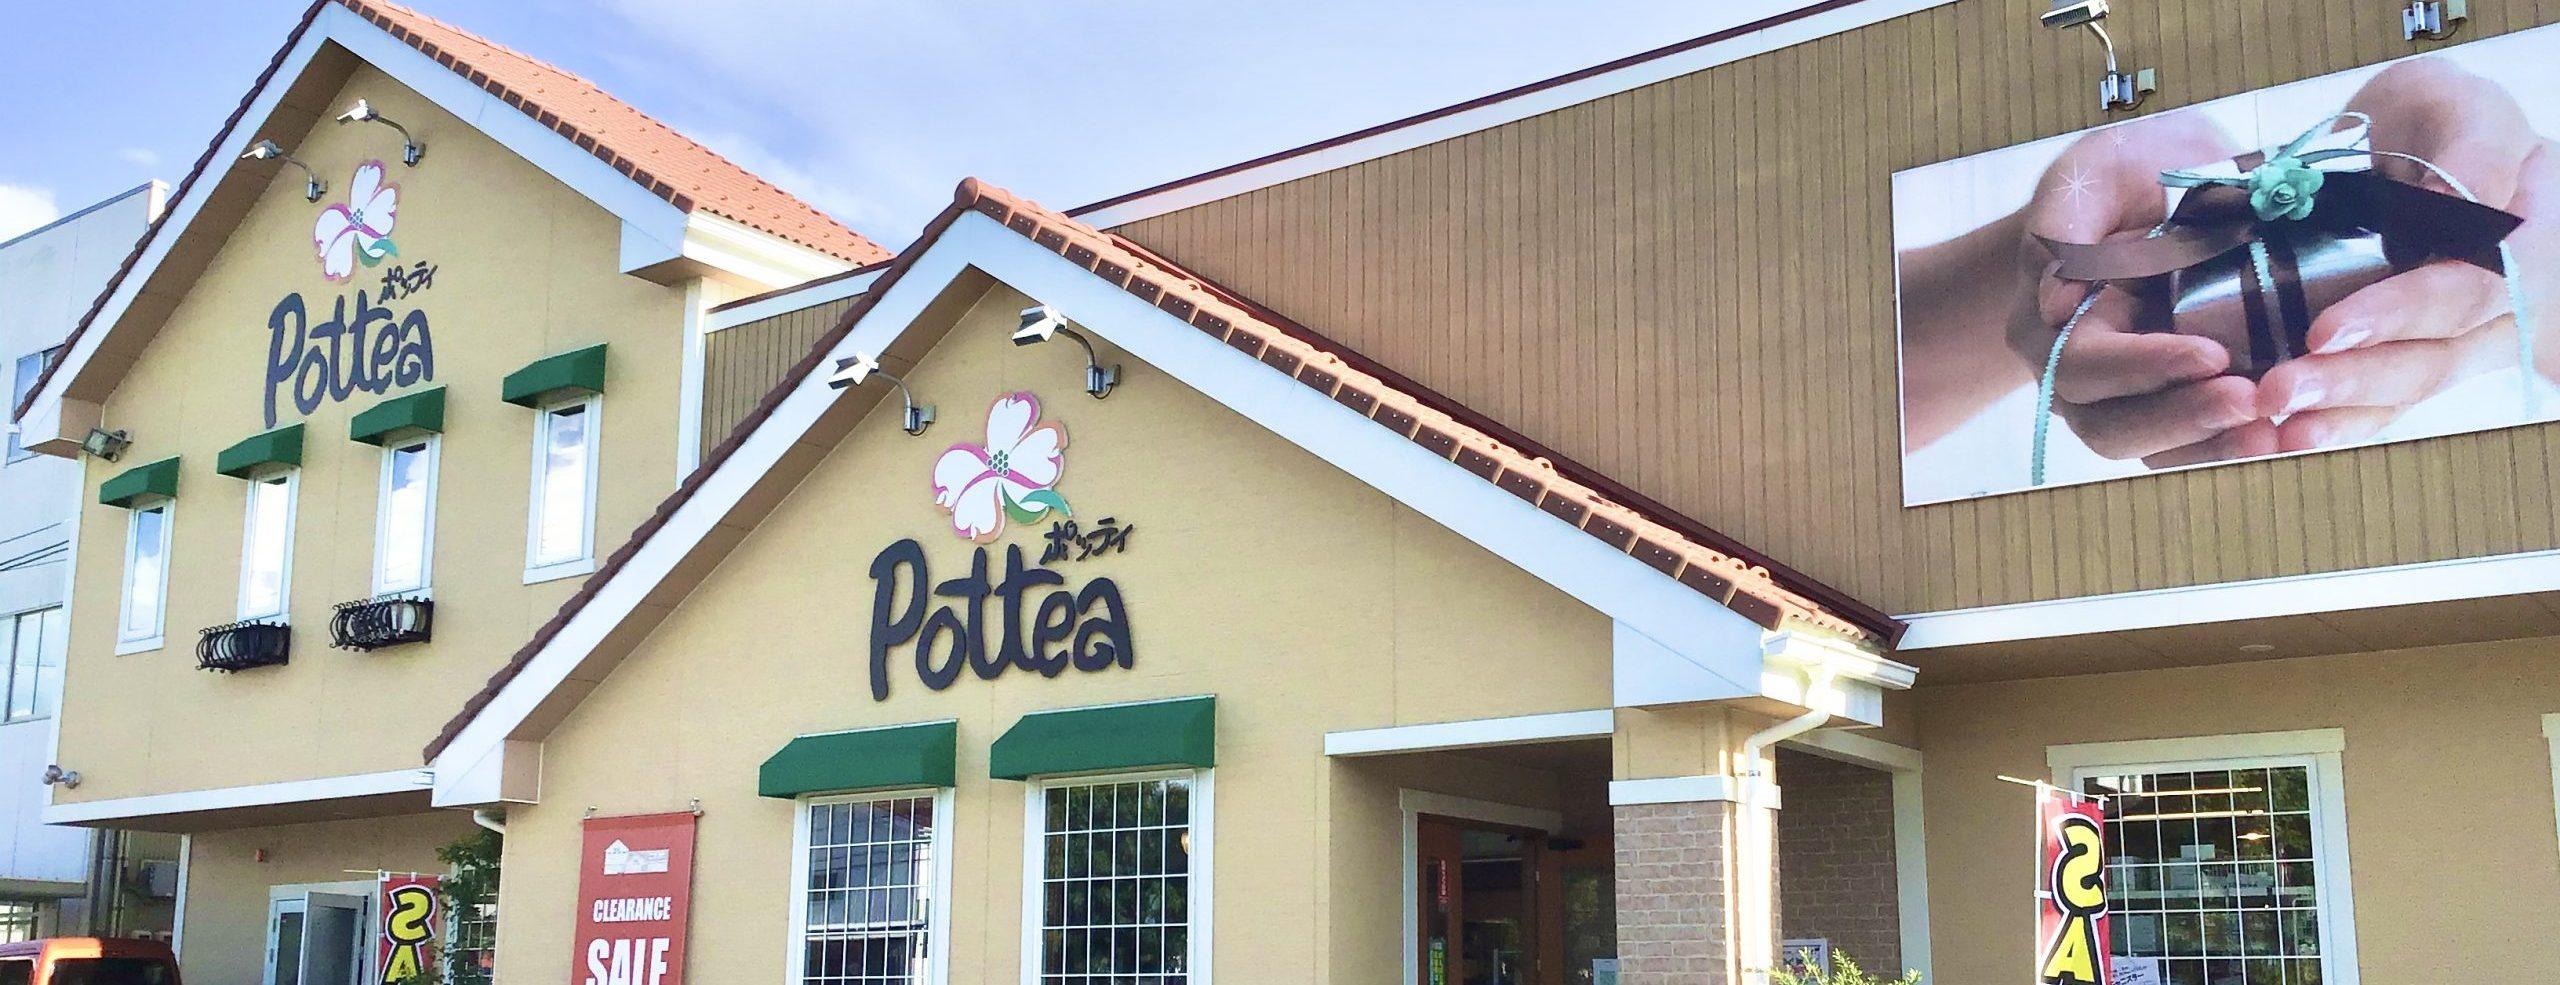 ポッティ(Pottea) 公式サイト